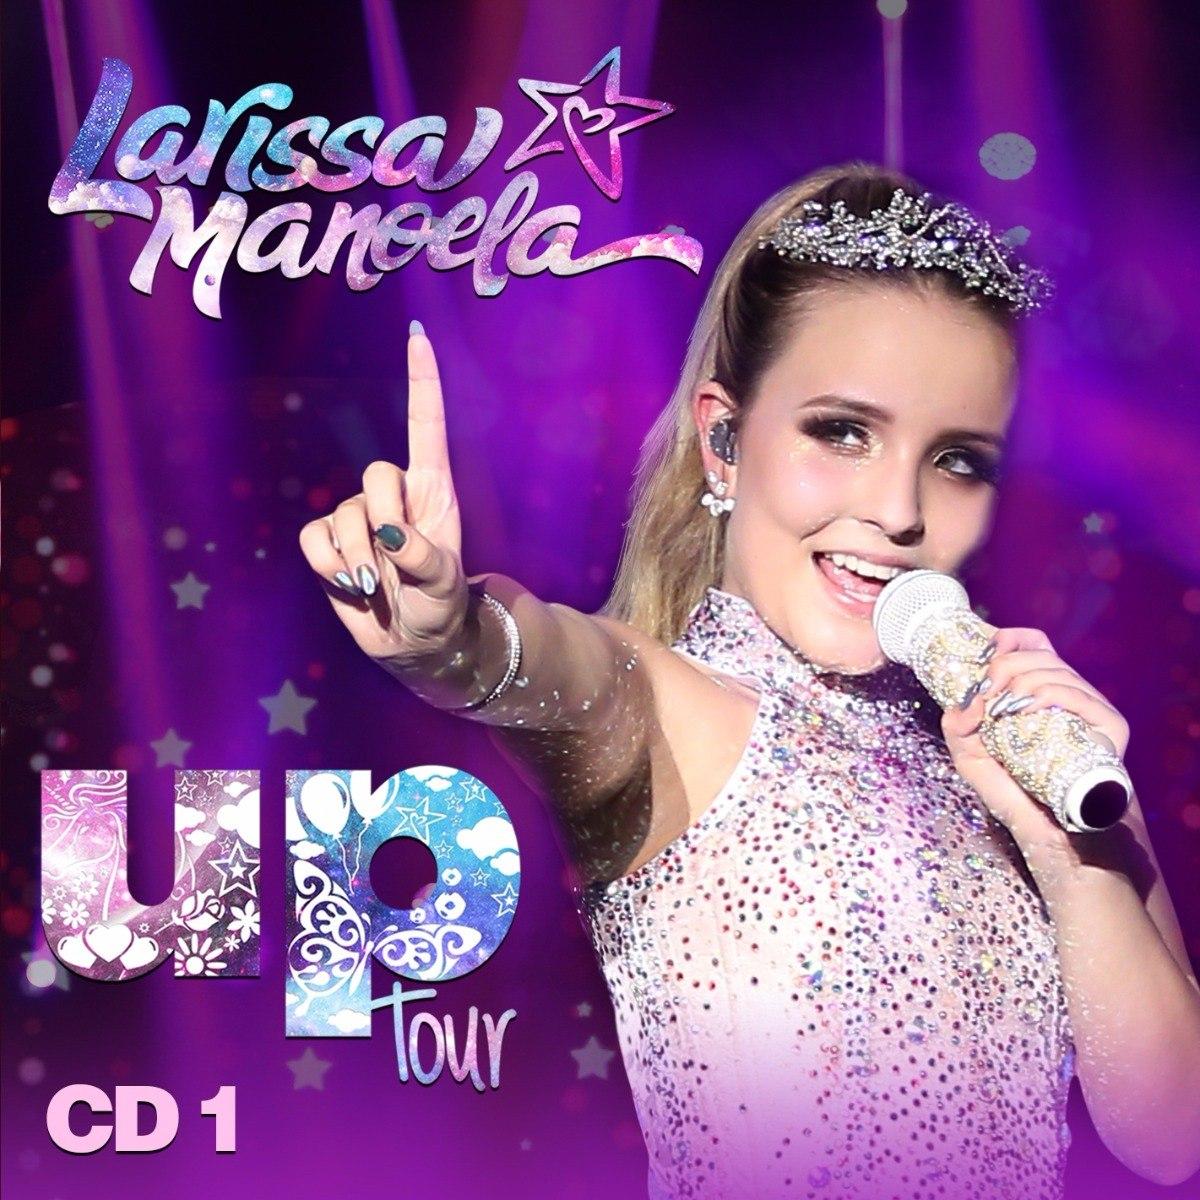 97042c2bb7803 Cd Larissa Manoela Up Tour Cd 1 Novo Lacrado - R  25,00 em Mercado Livre